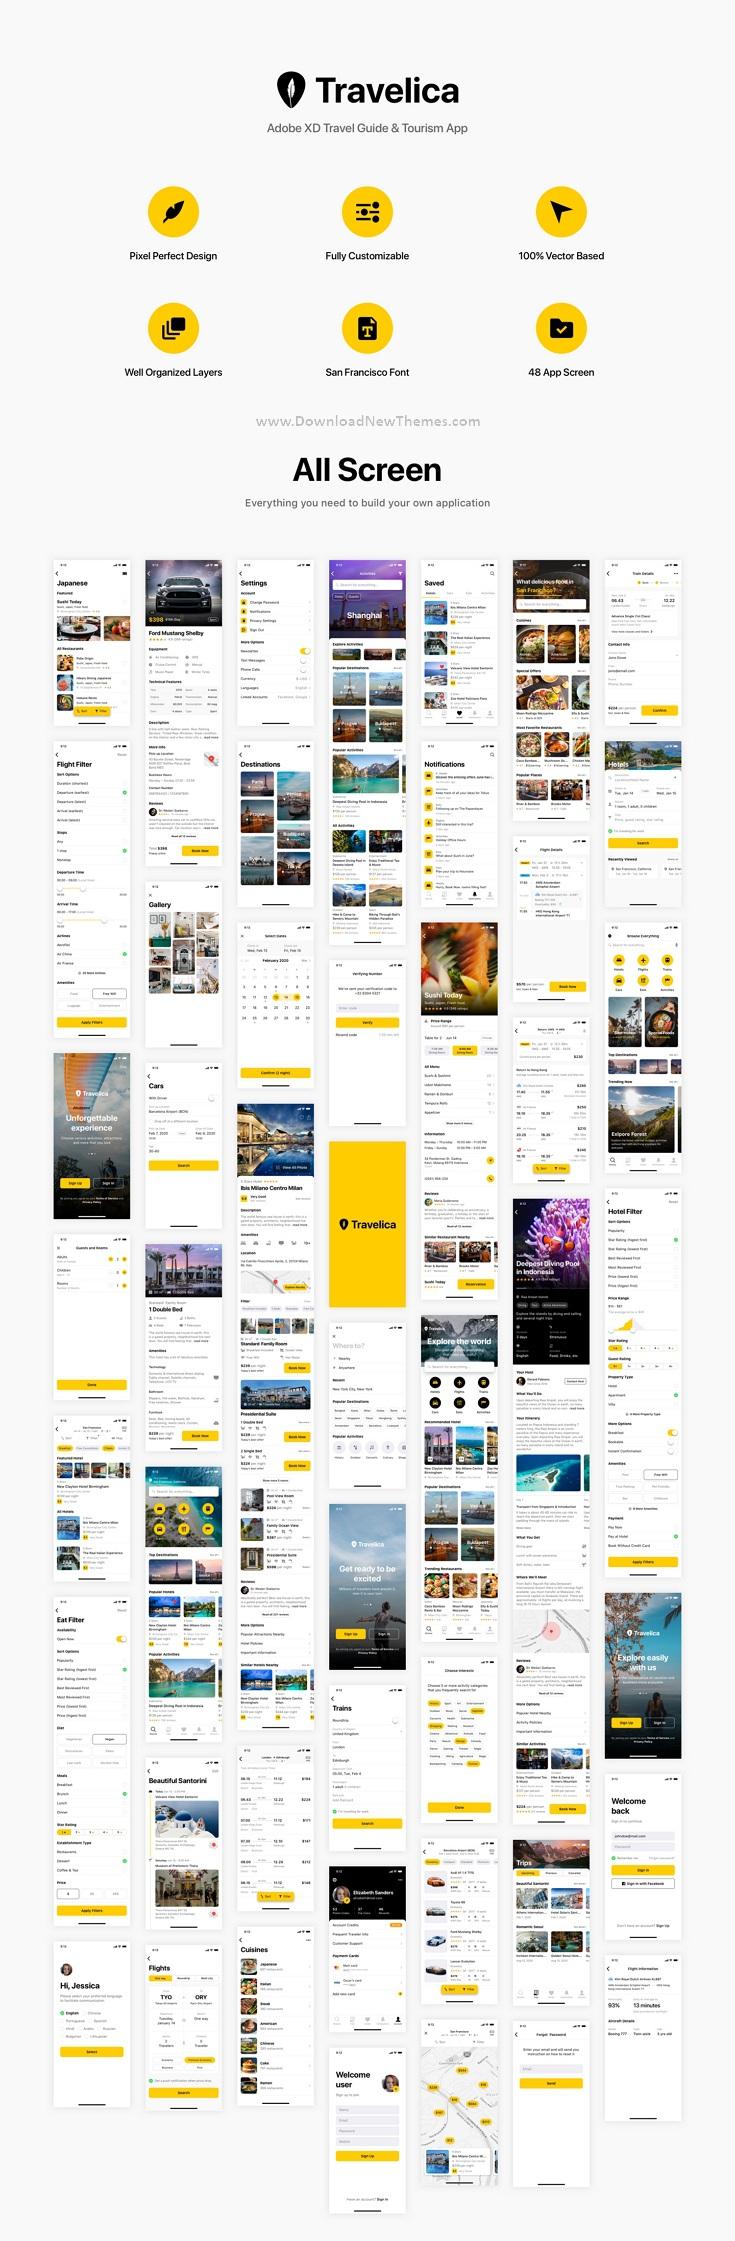 Travel Guide & Tourism App